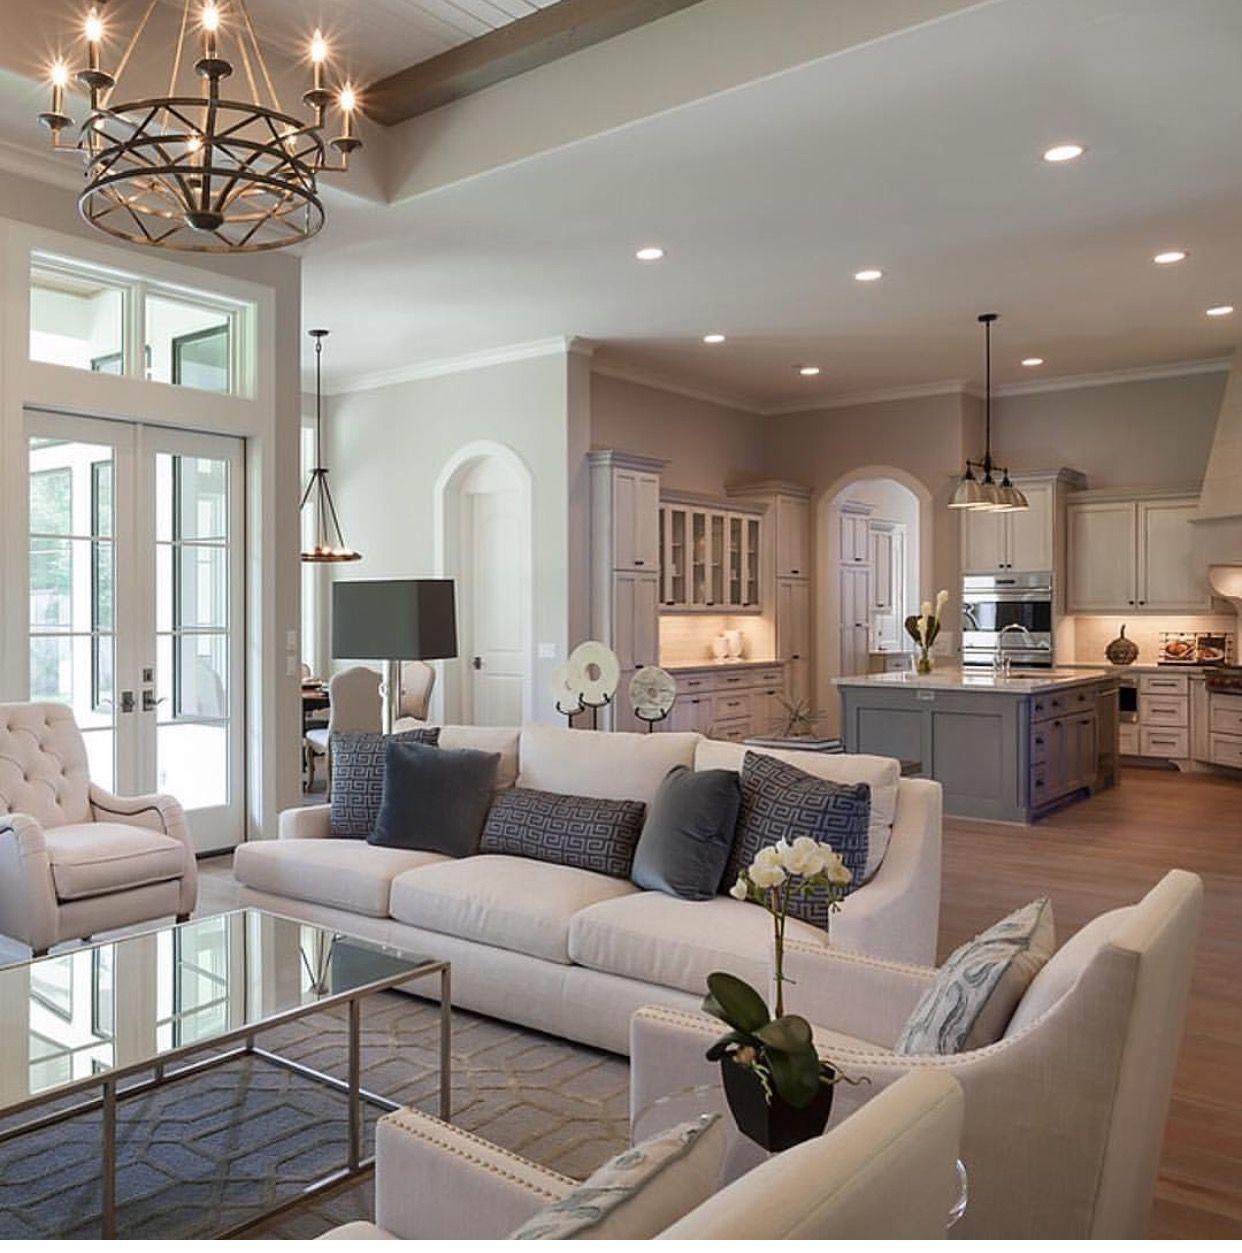 Pinterest Amymckeown5 Home House Design Family Room